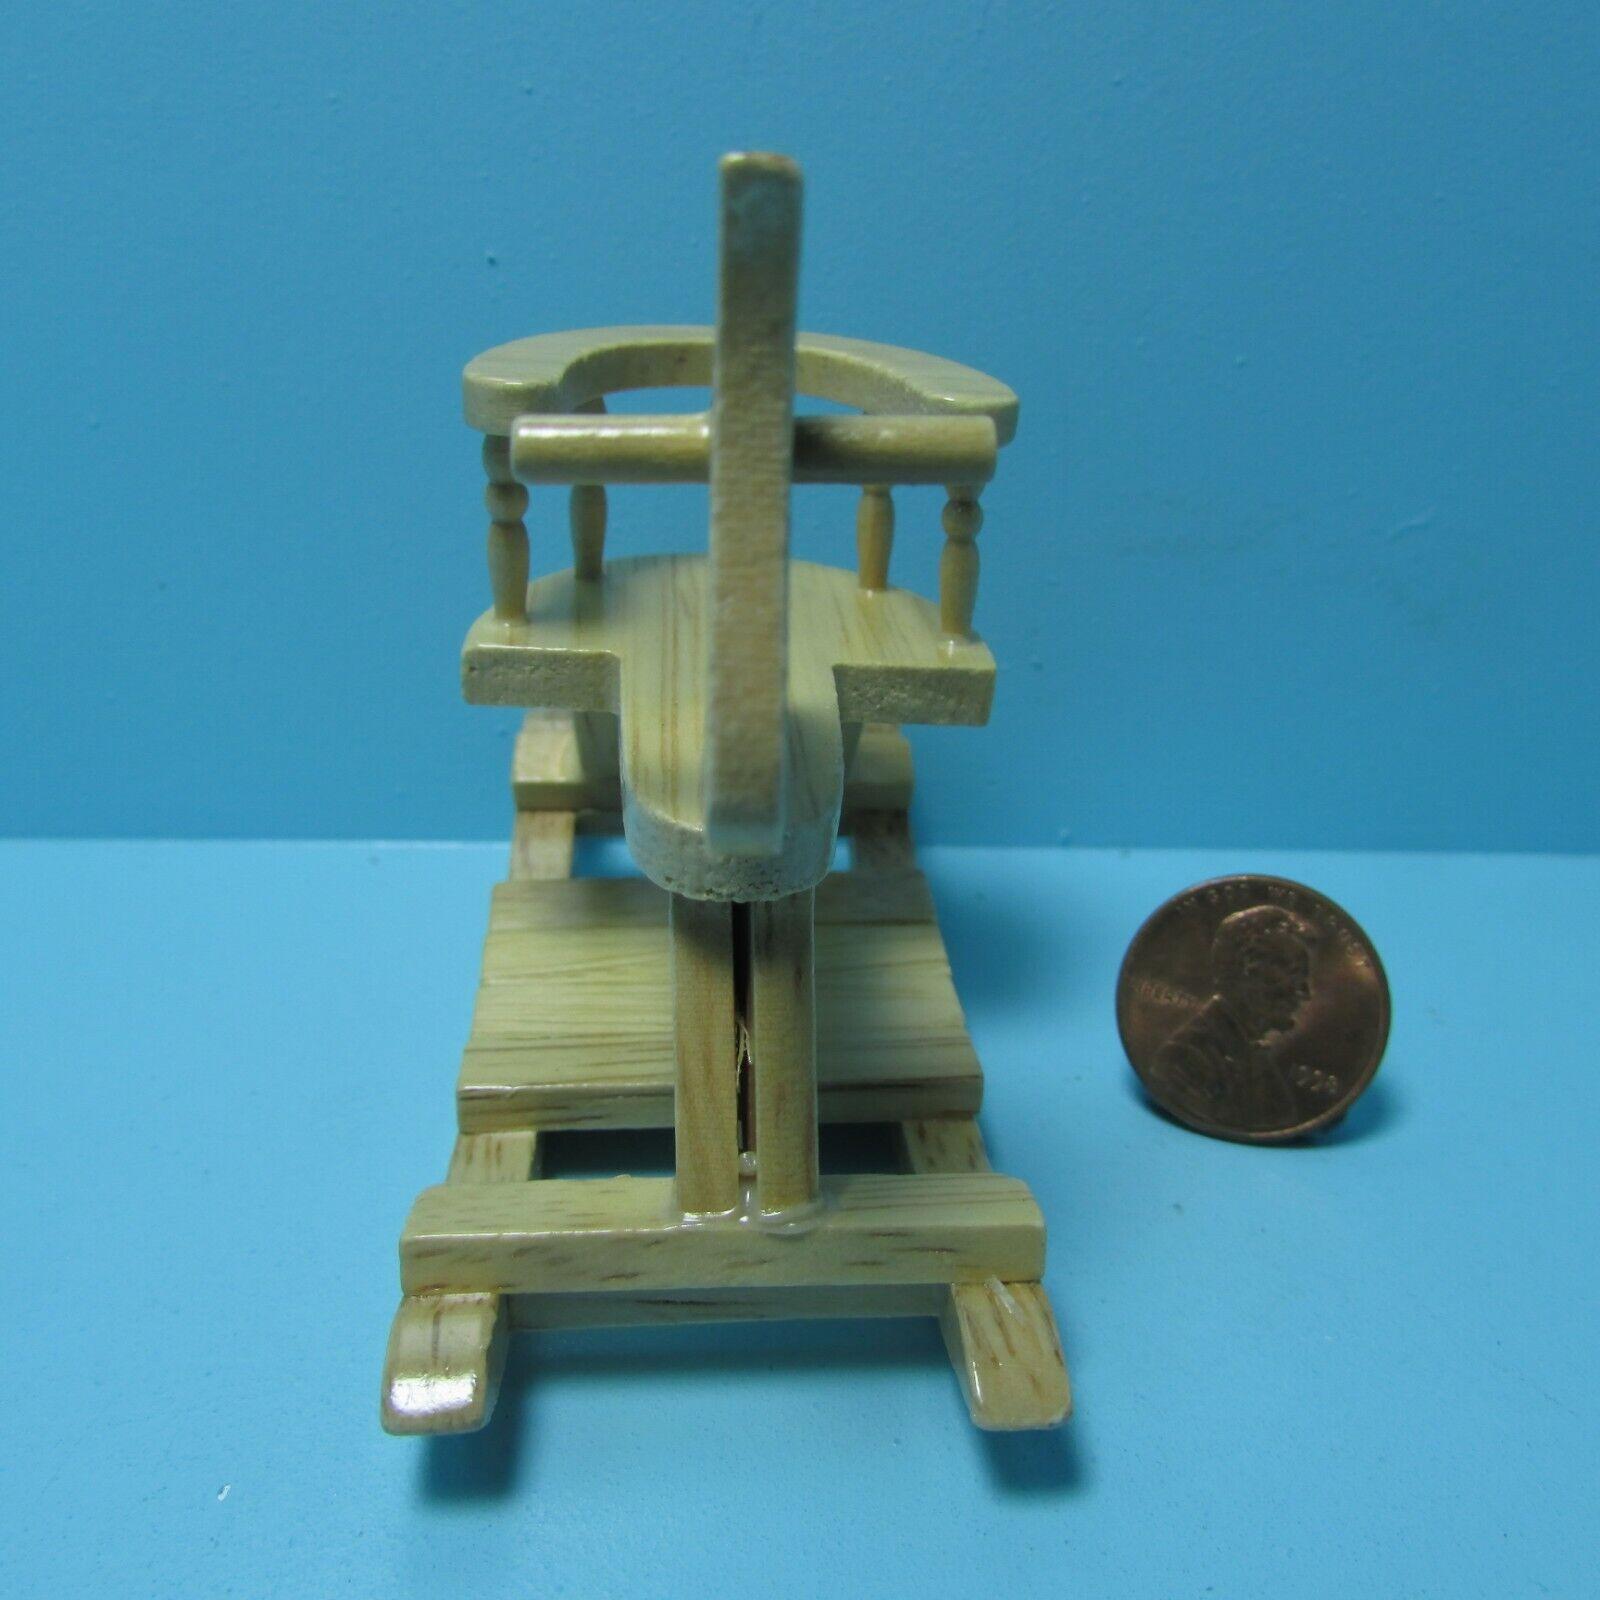 Dollhouse Miniature Wood Rocking Horse In Oak For Nursery T6018N - $8.09